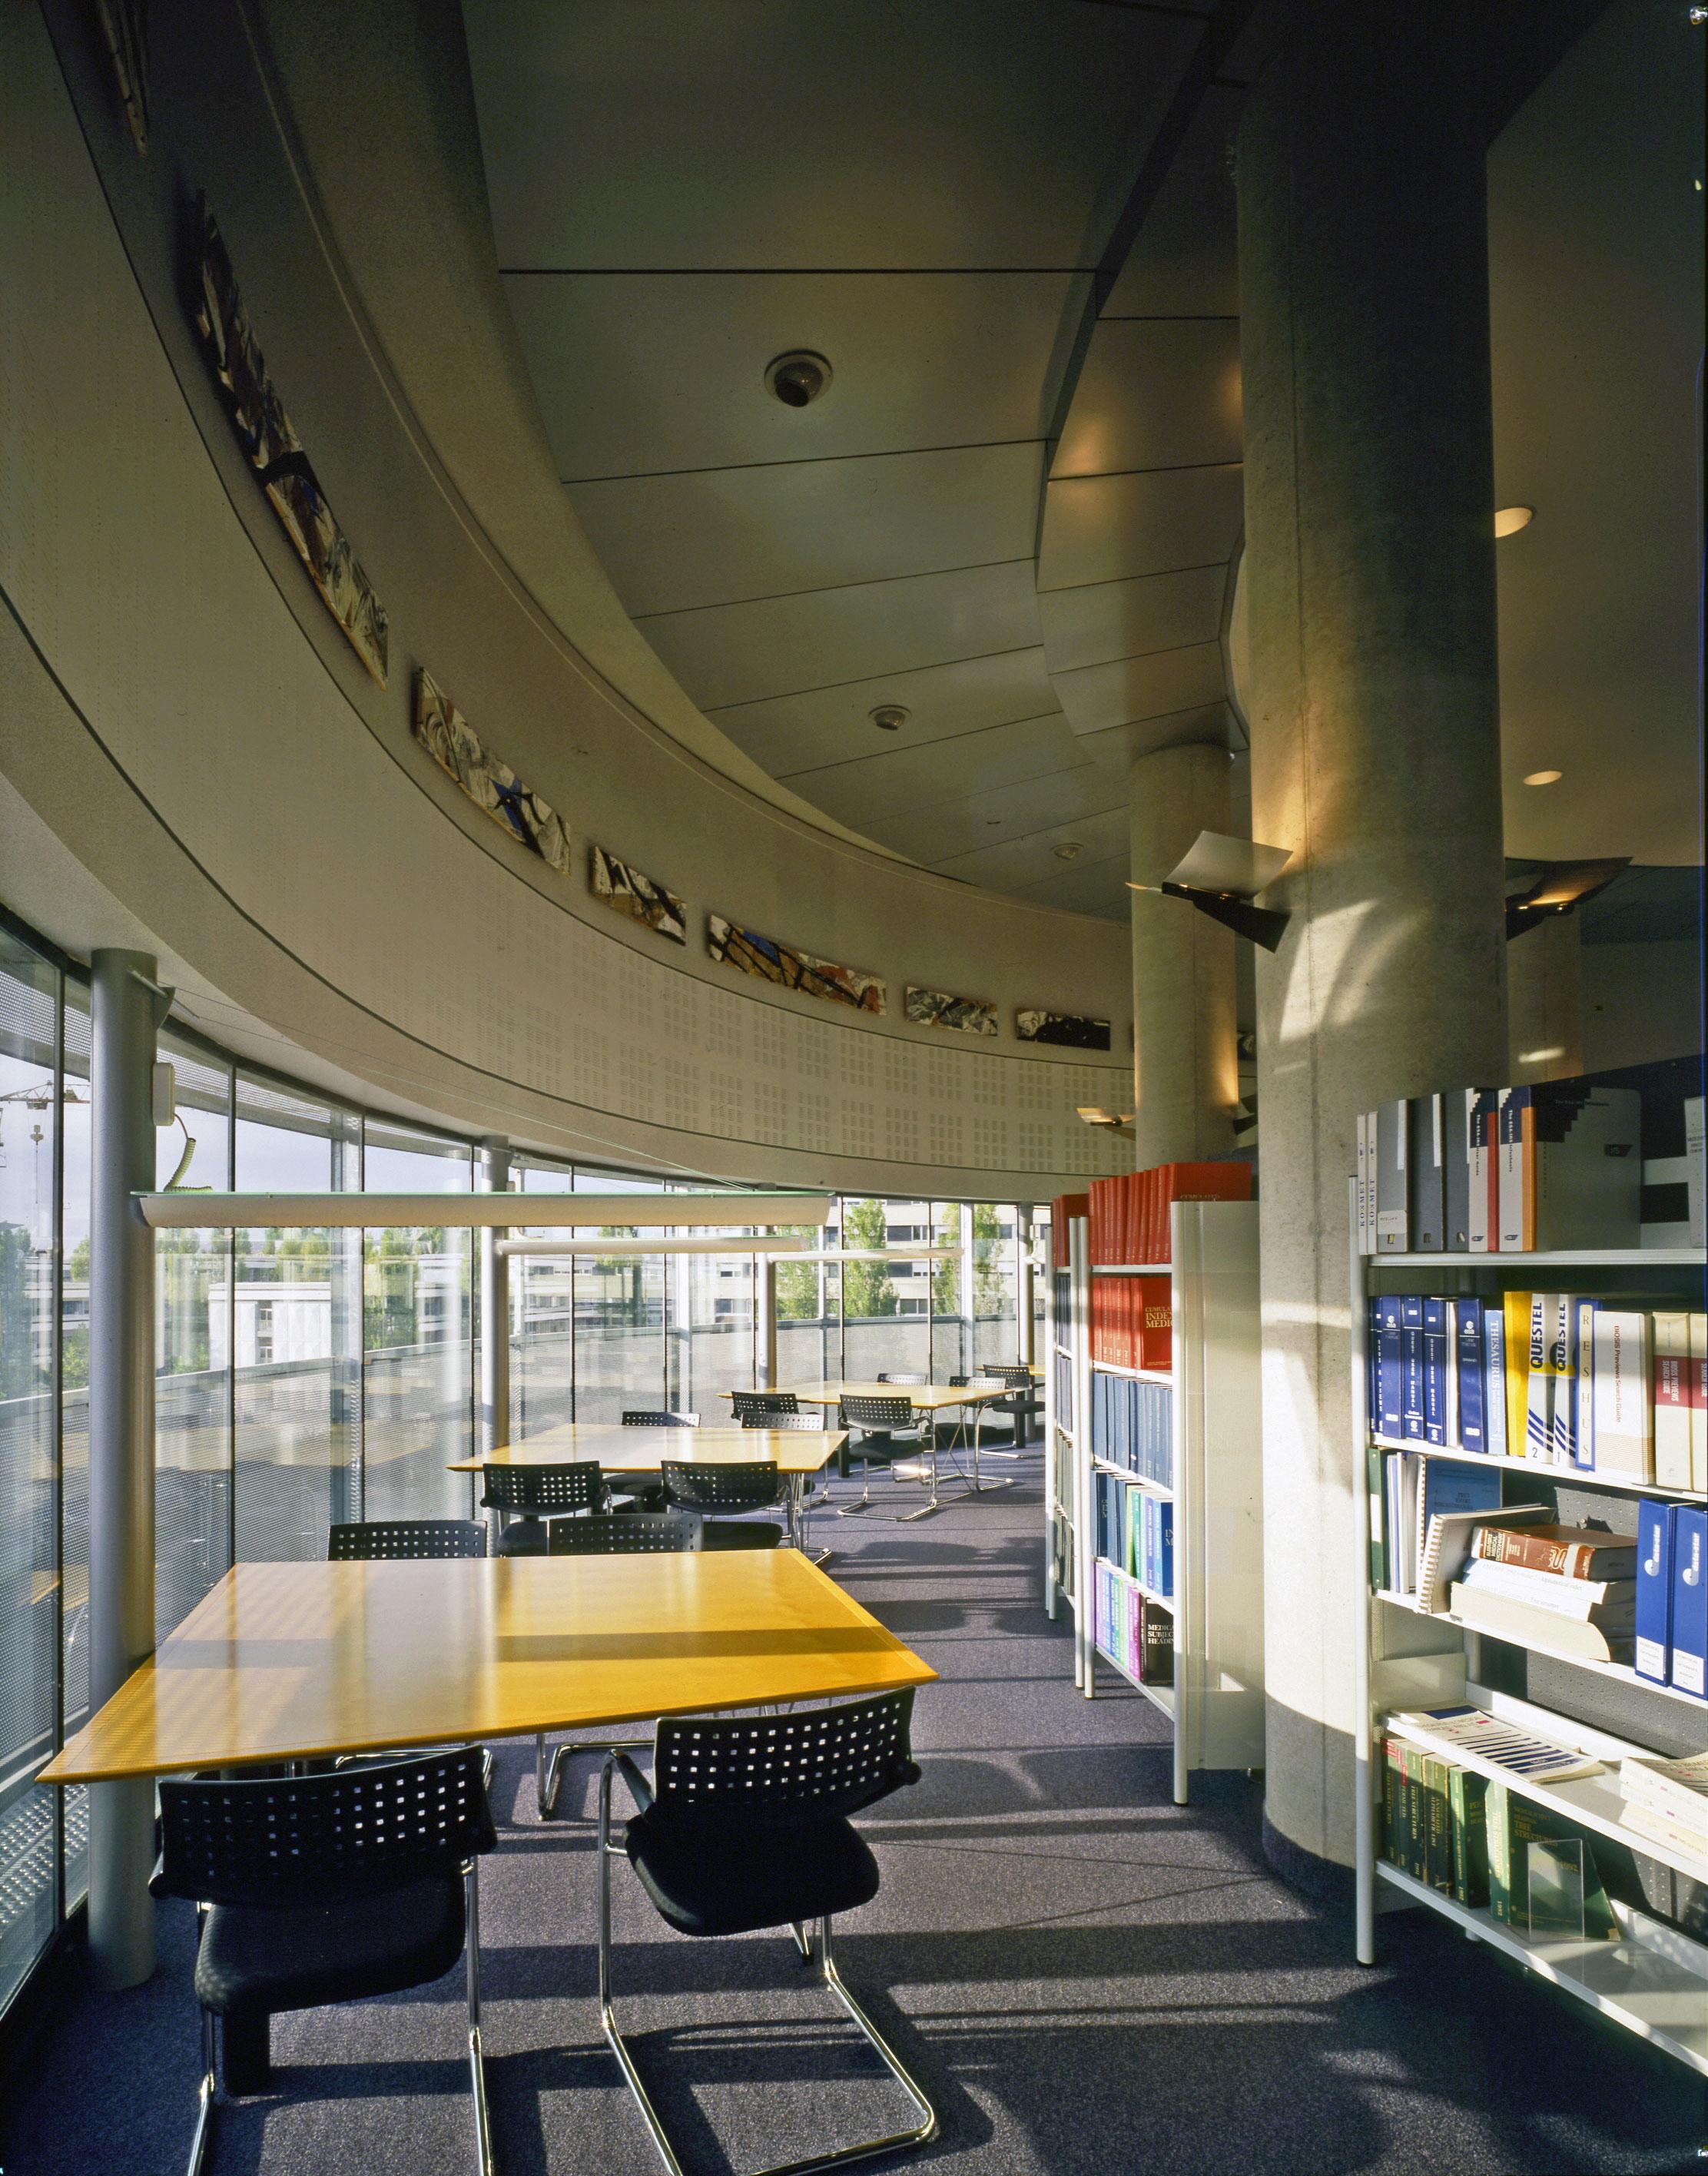 Extension intérieure Bibliothèque universitaire médecine